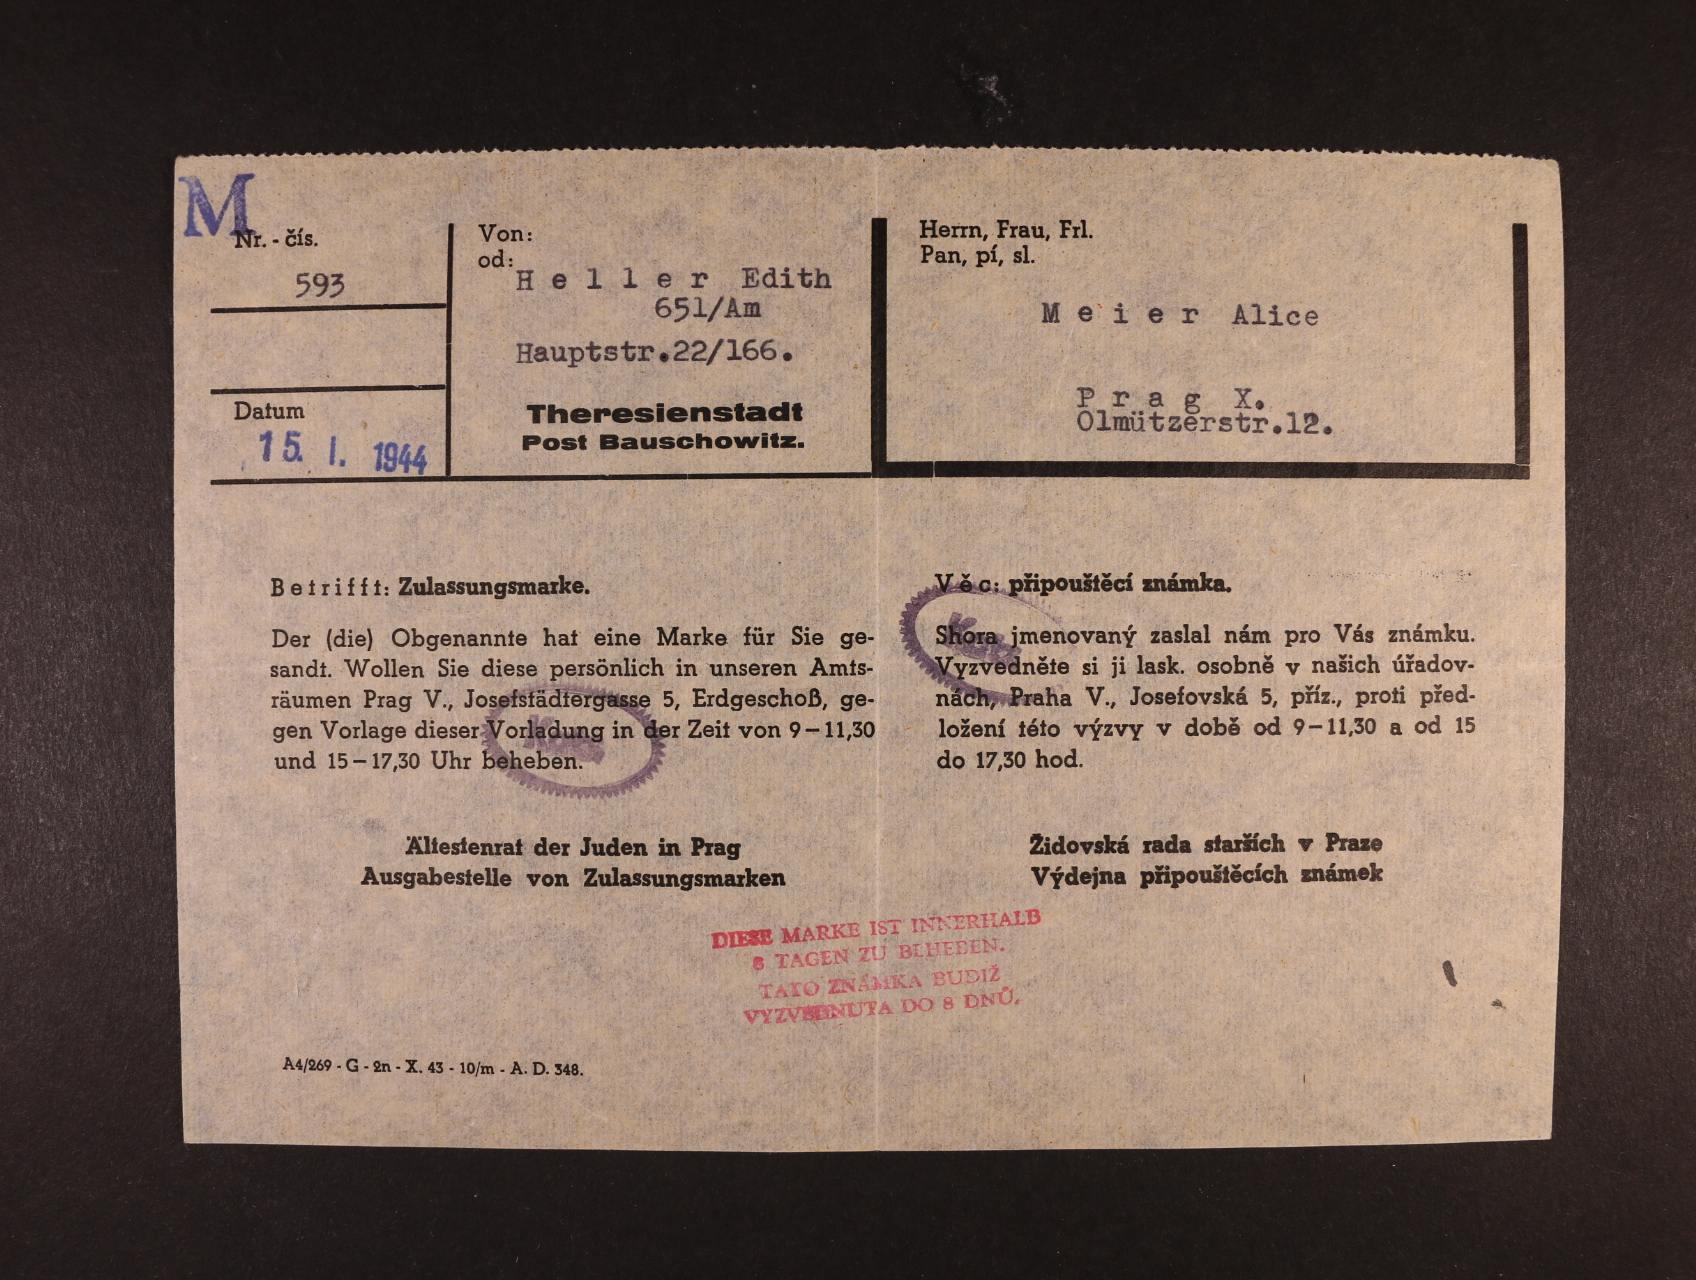 Theresienstadt - dvojjazyčný formulář k připouštěcí známce vystavený 15.1.1944, zajímavé, dobrá kvalita